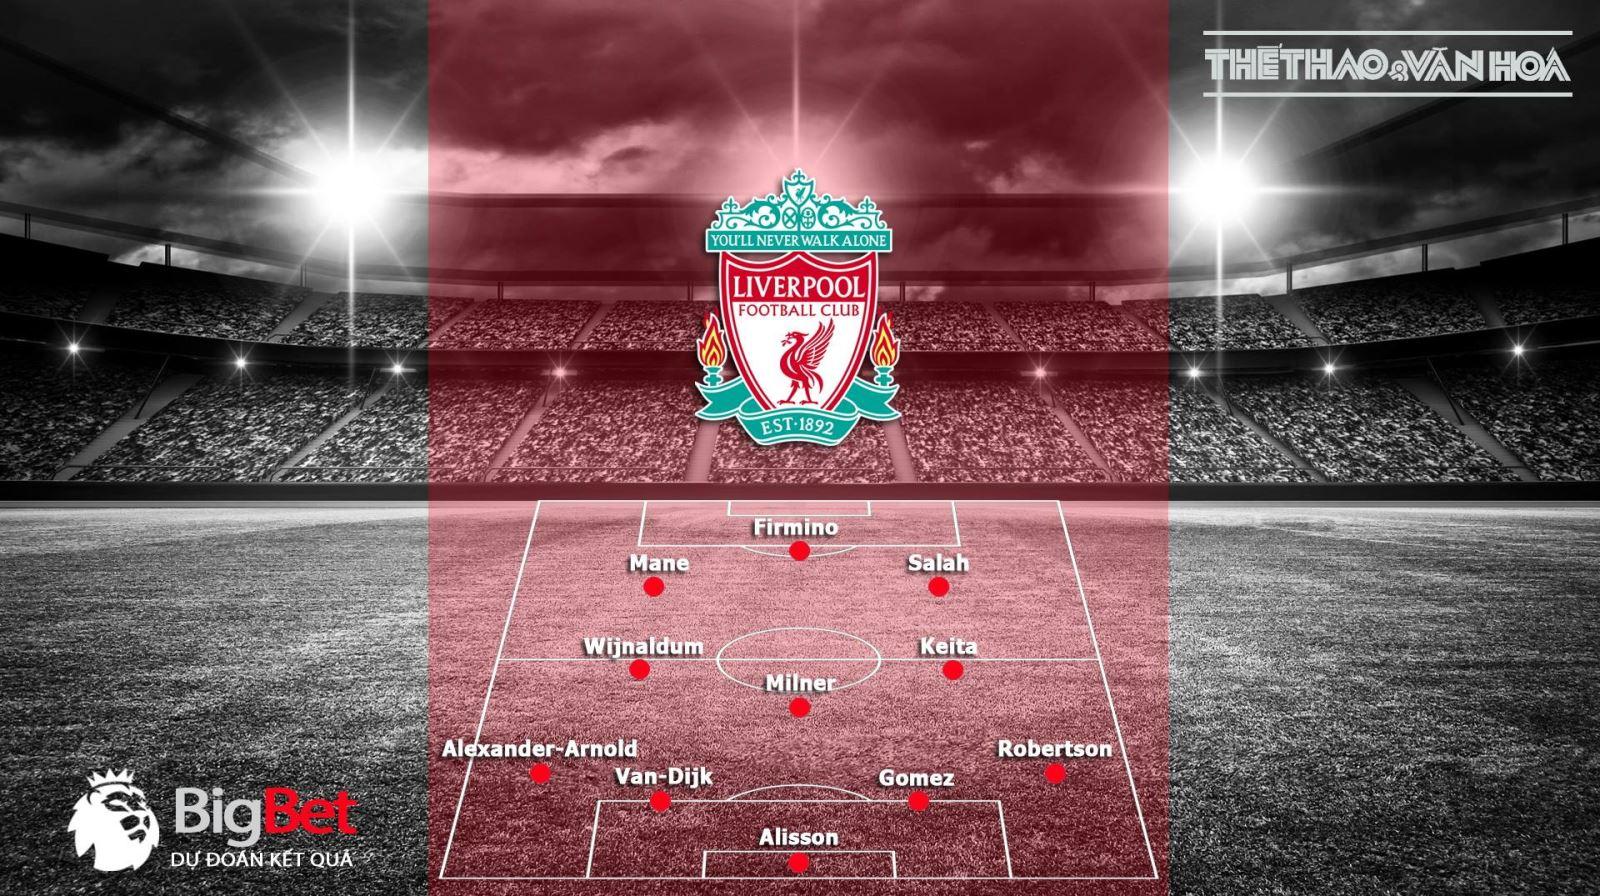 Vòng 7 Premier League: Soi kèo Chelsea vs Liverpool (00h30 ngày 30/9)